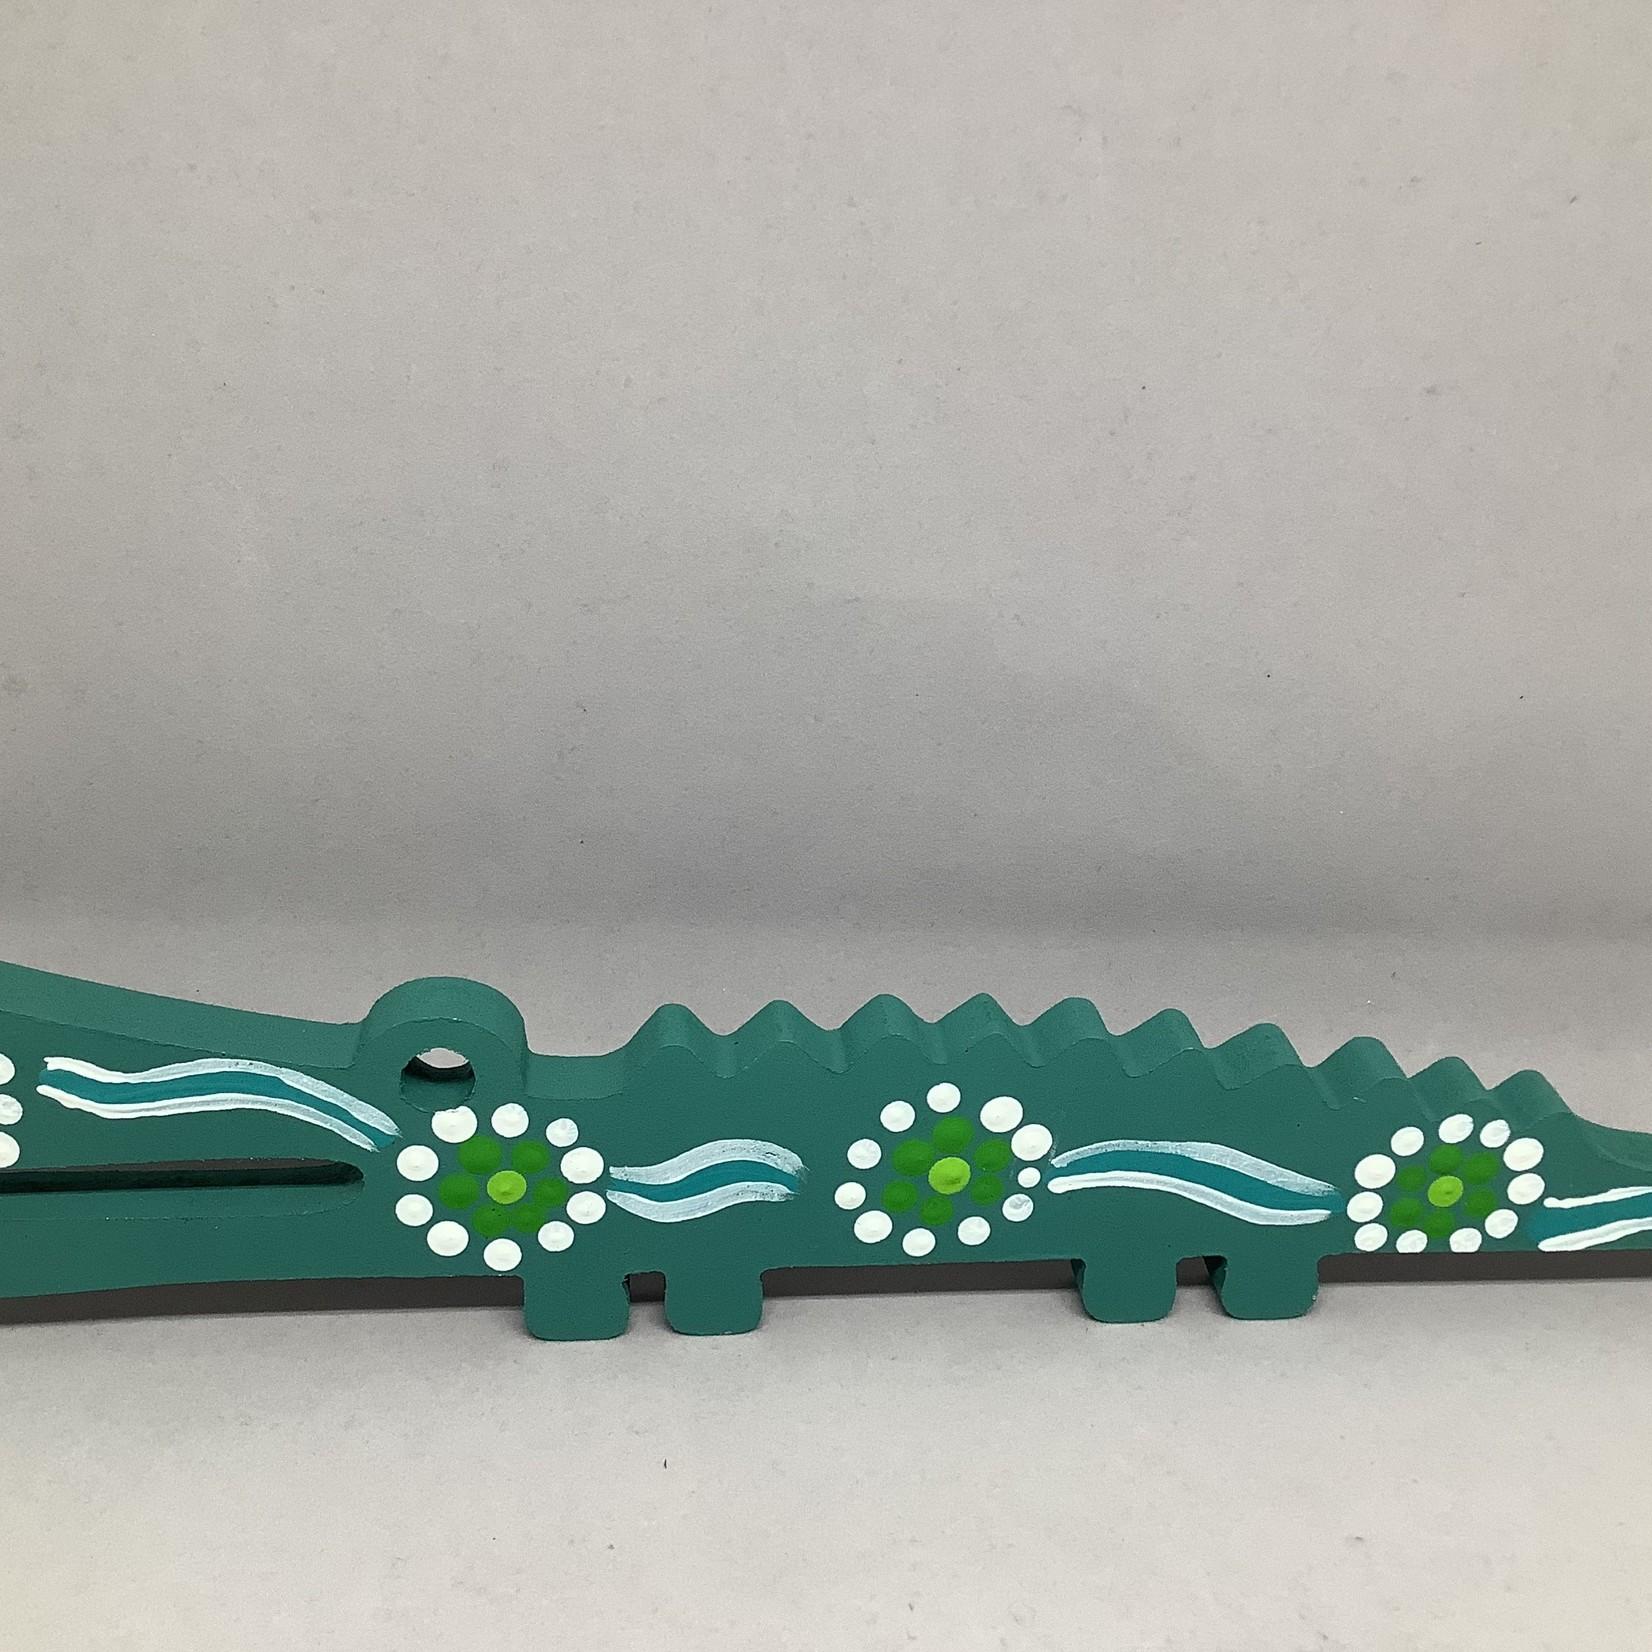 Rhuma Smedley Wooden Crocodile - Rhuma Smedley